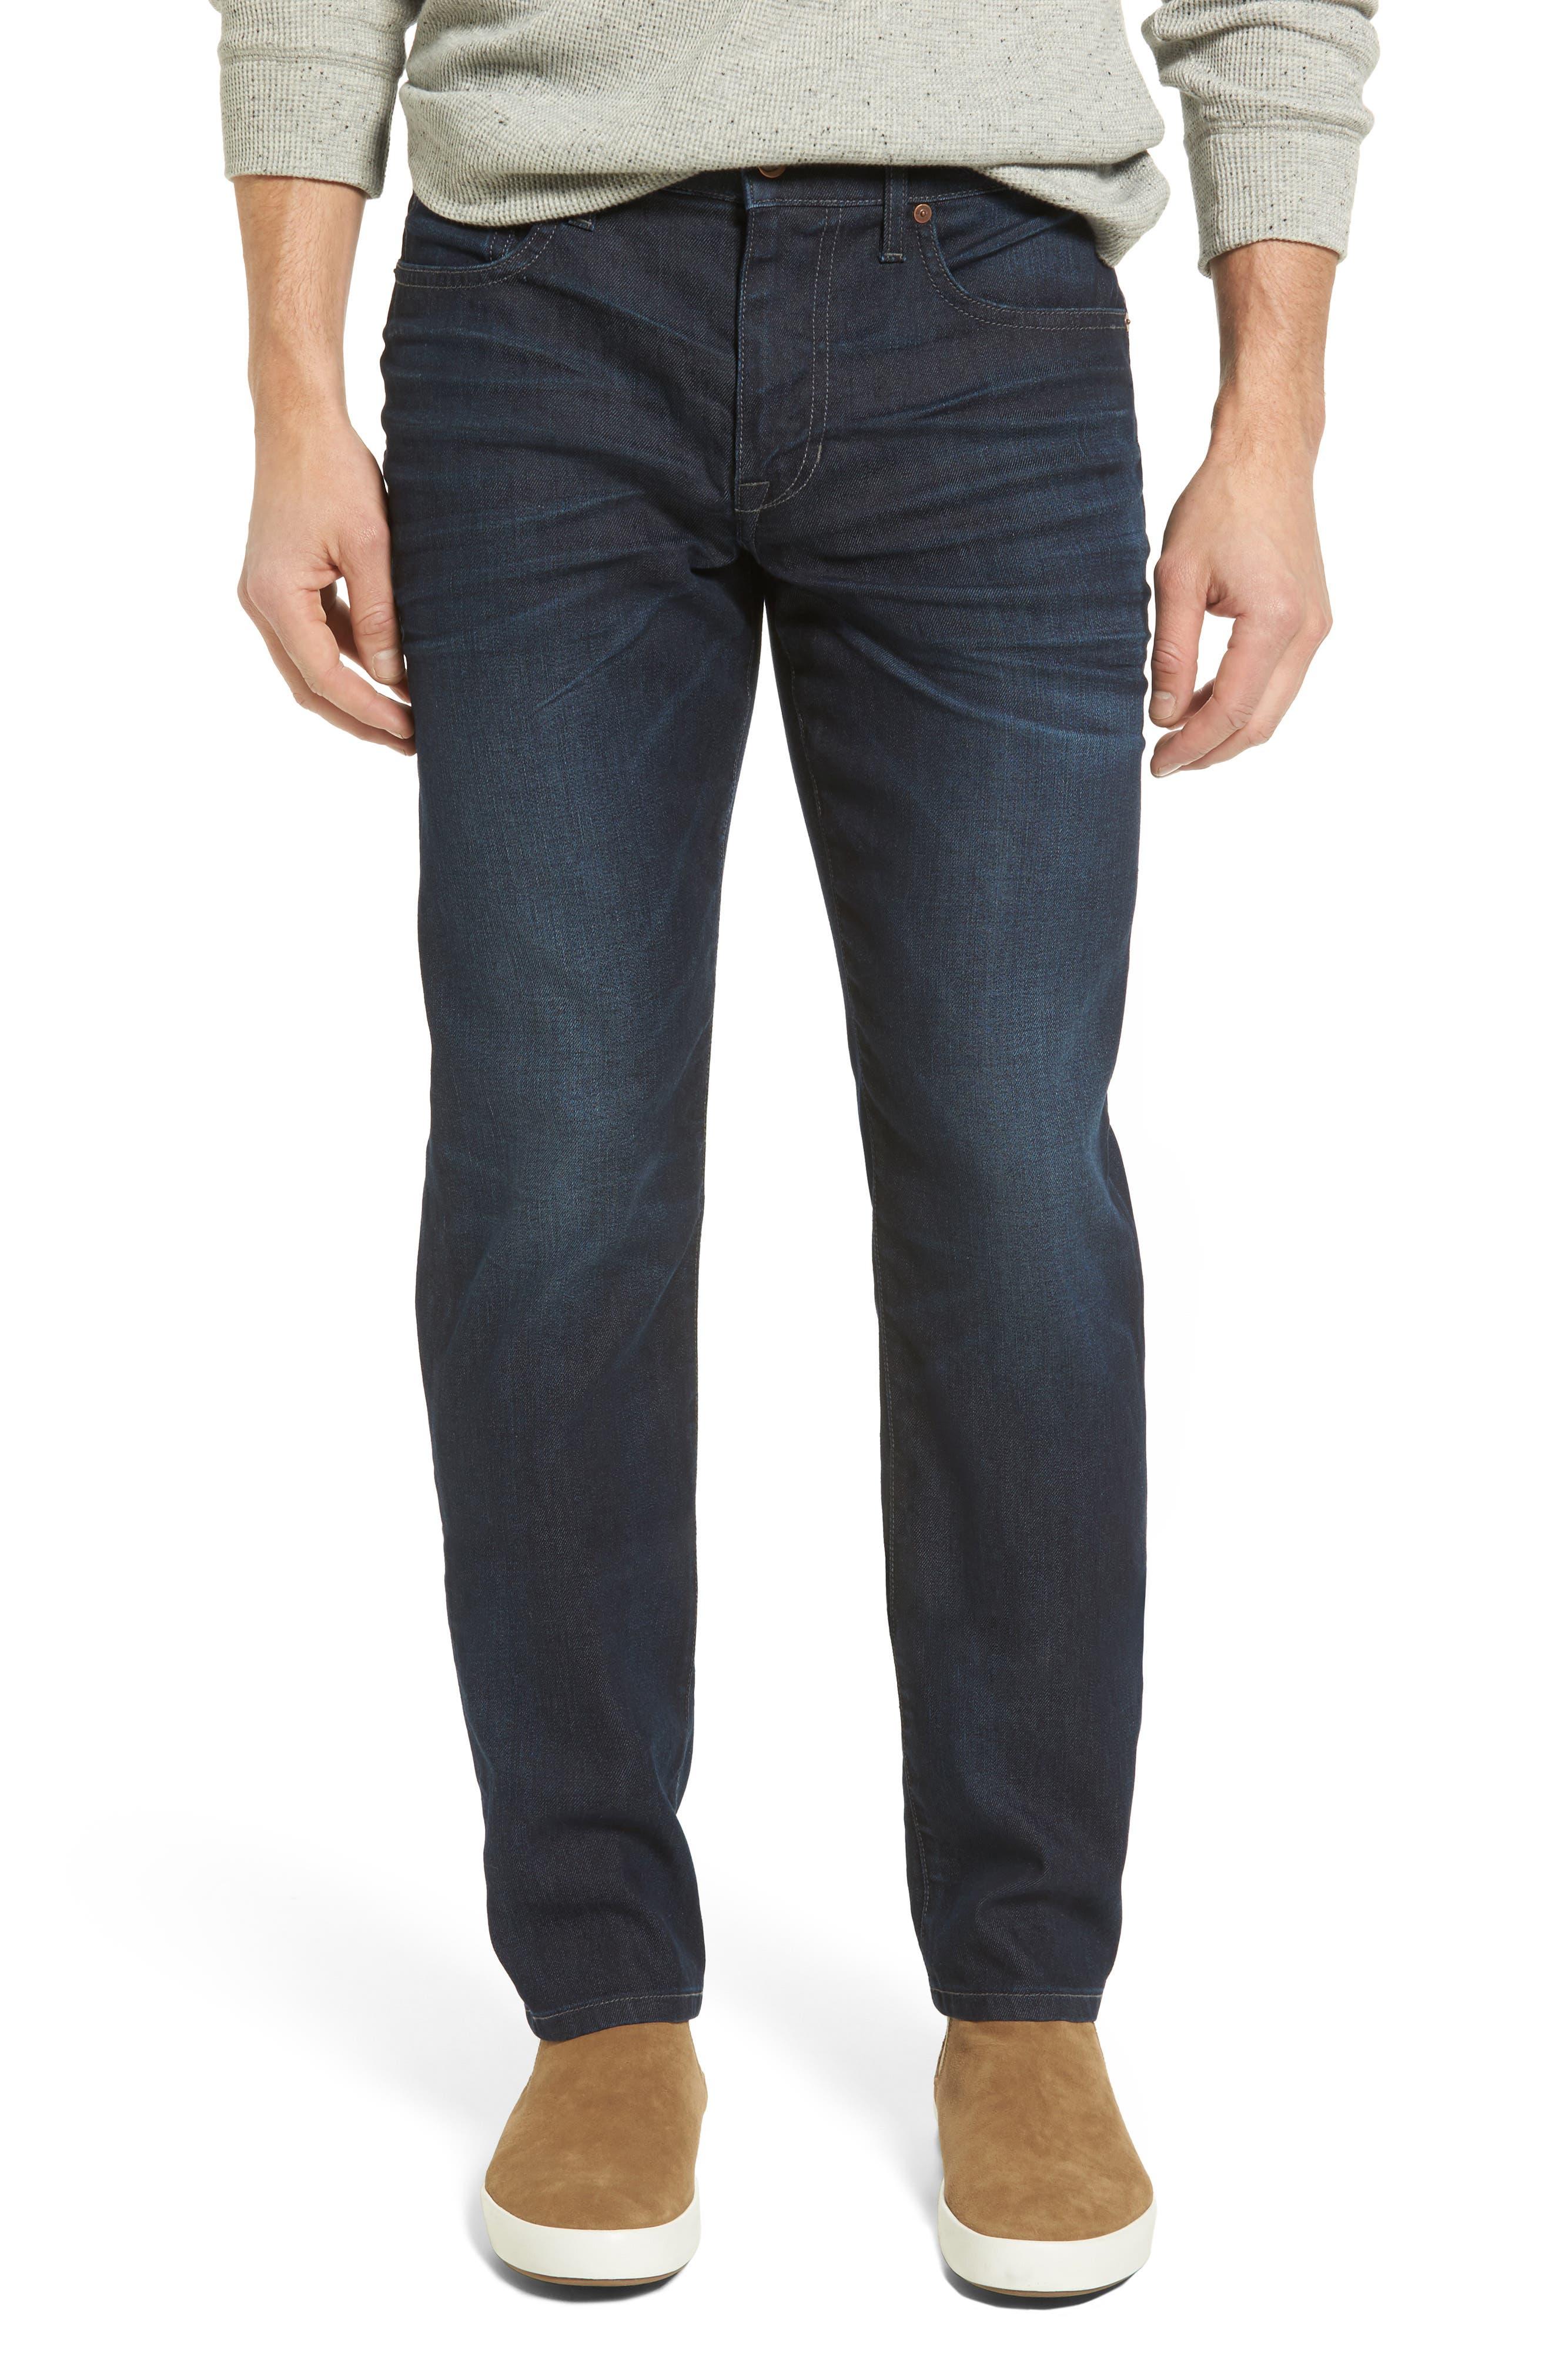 Brixton Slim Straight Leg Jeans,                             Main thumbnail 1, color,                             Guest